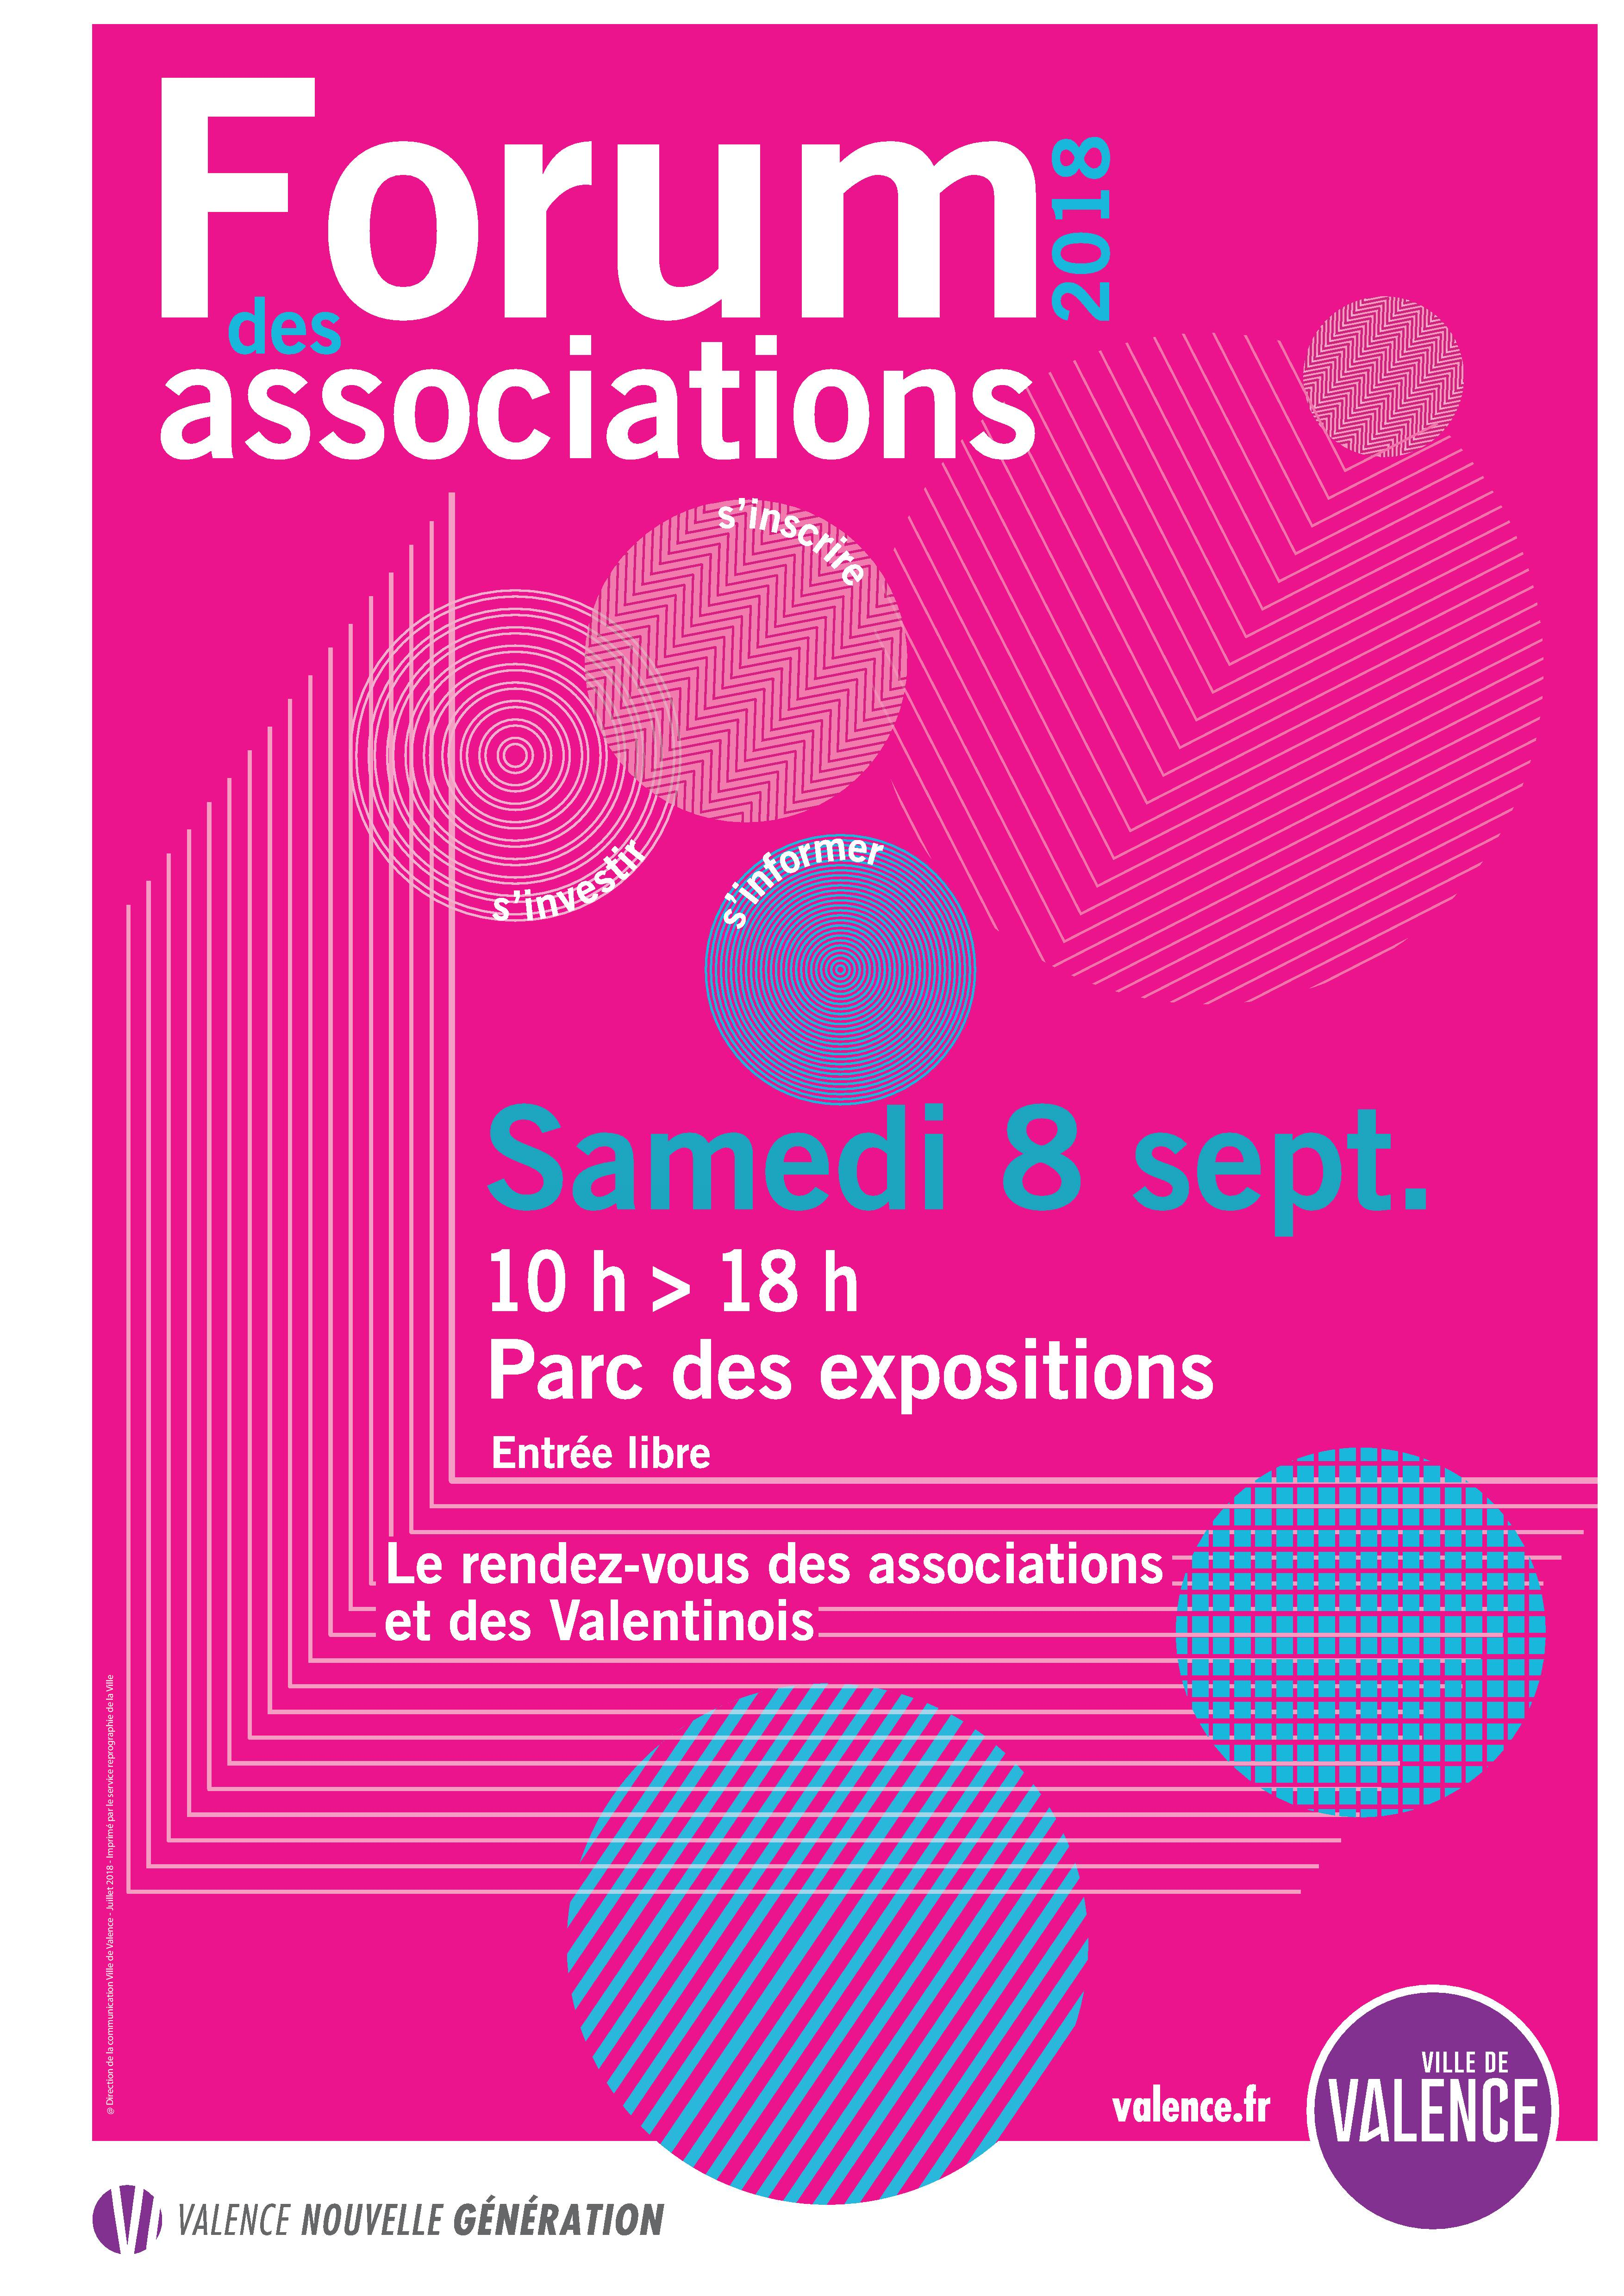 Forum des associations de Valence 2018